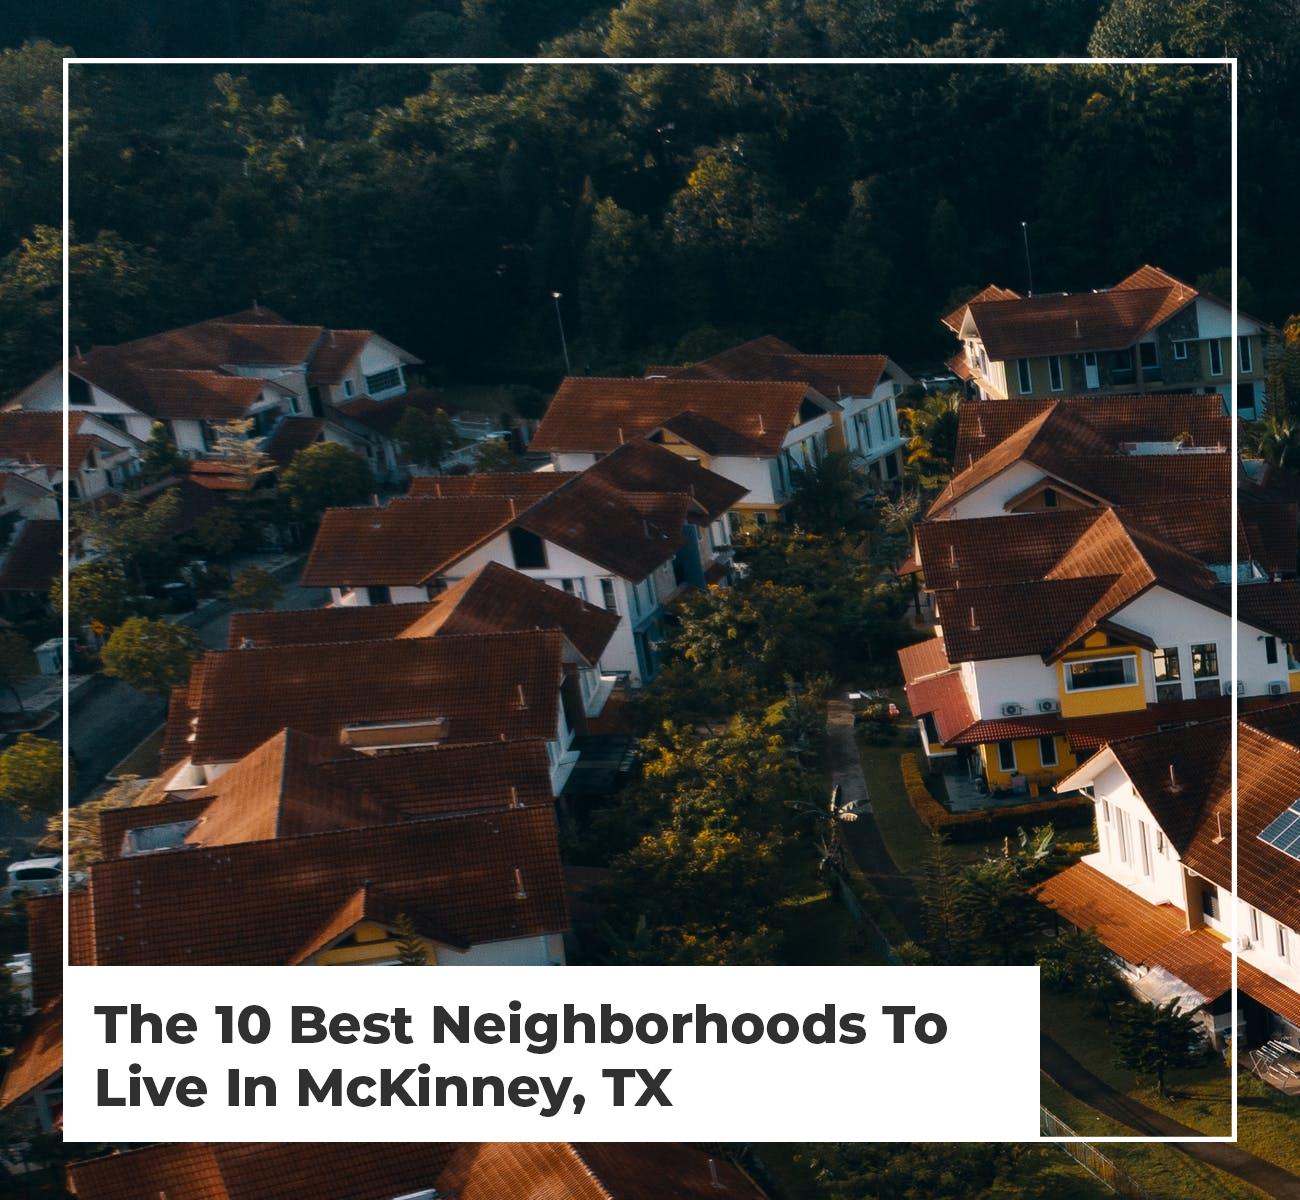 McKinney Neighborhoods